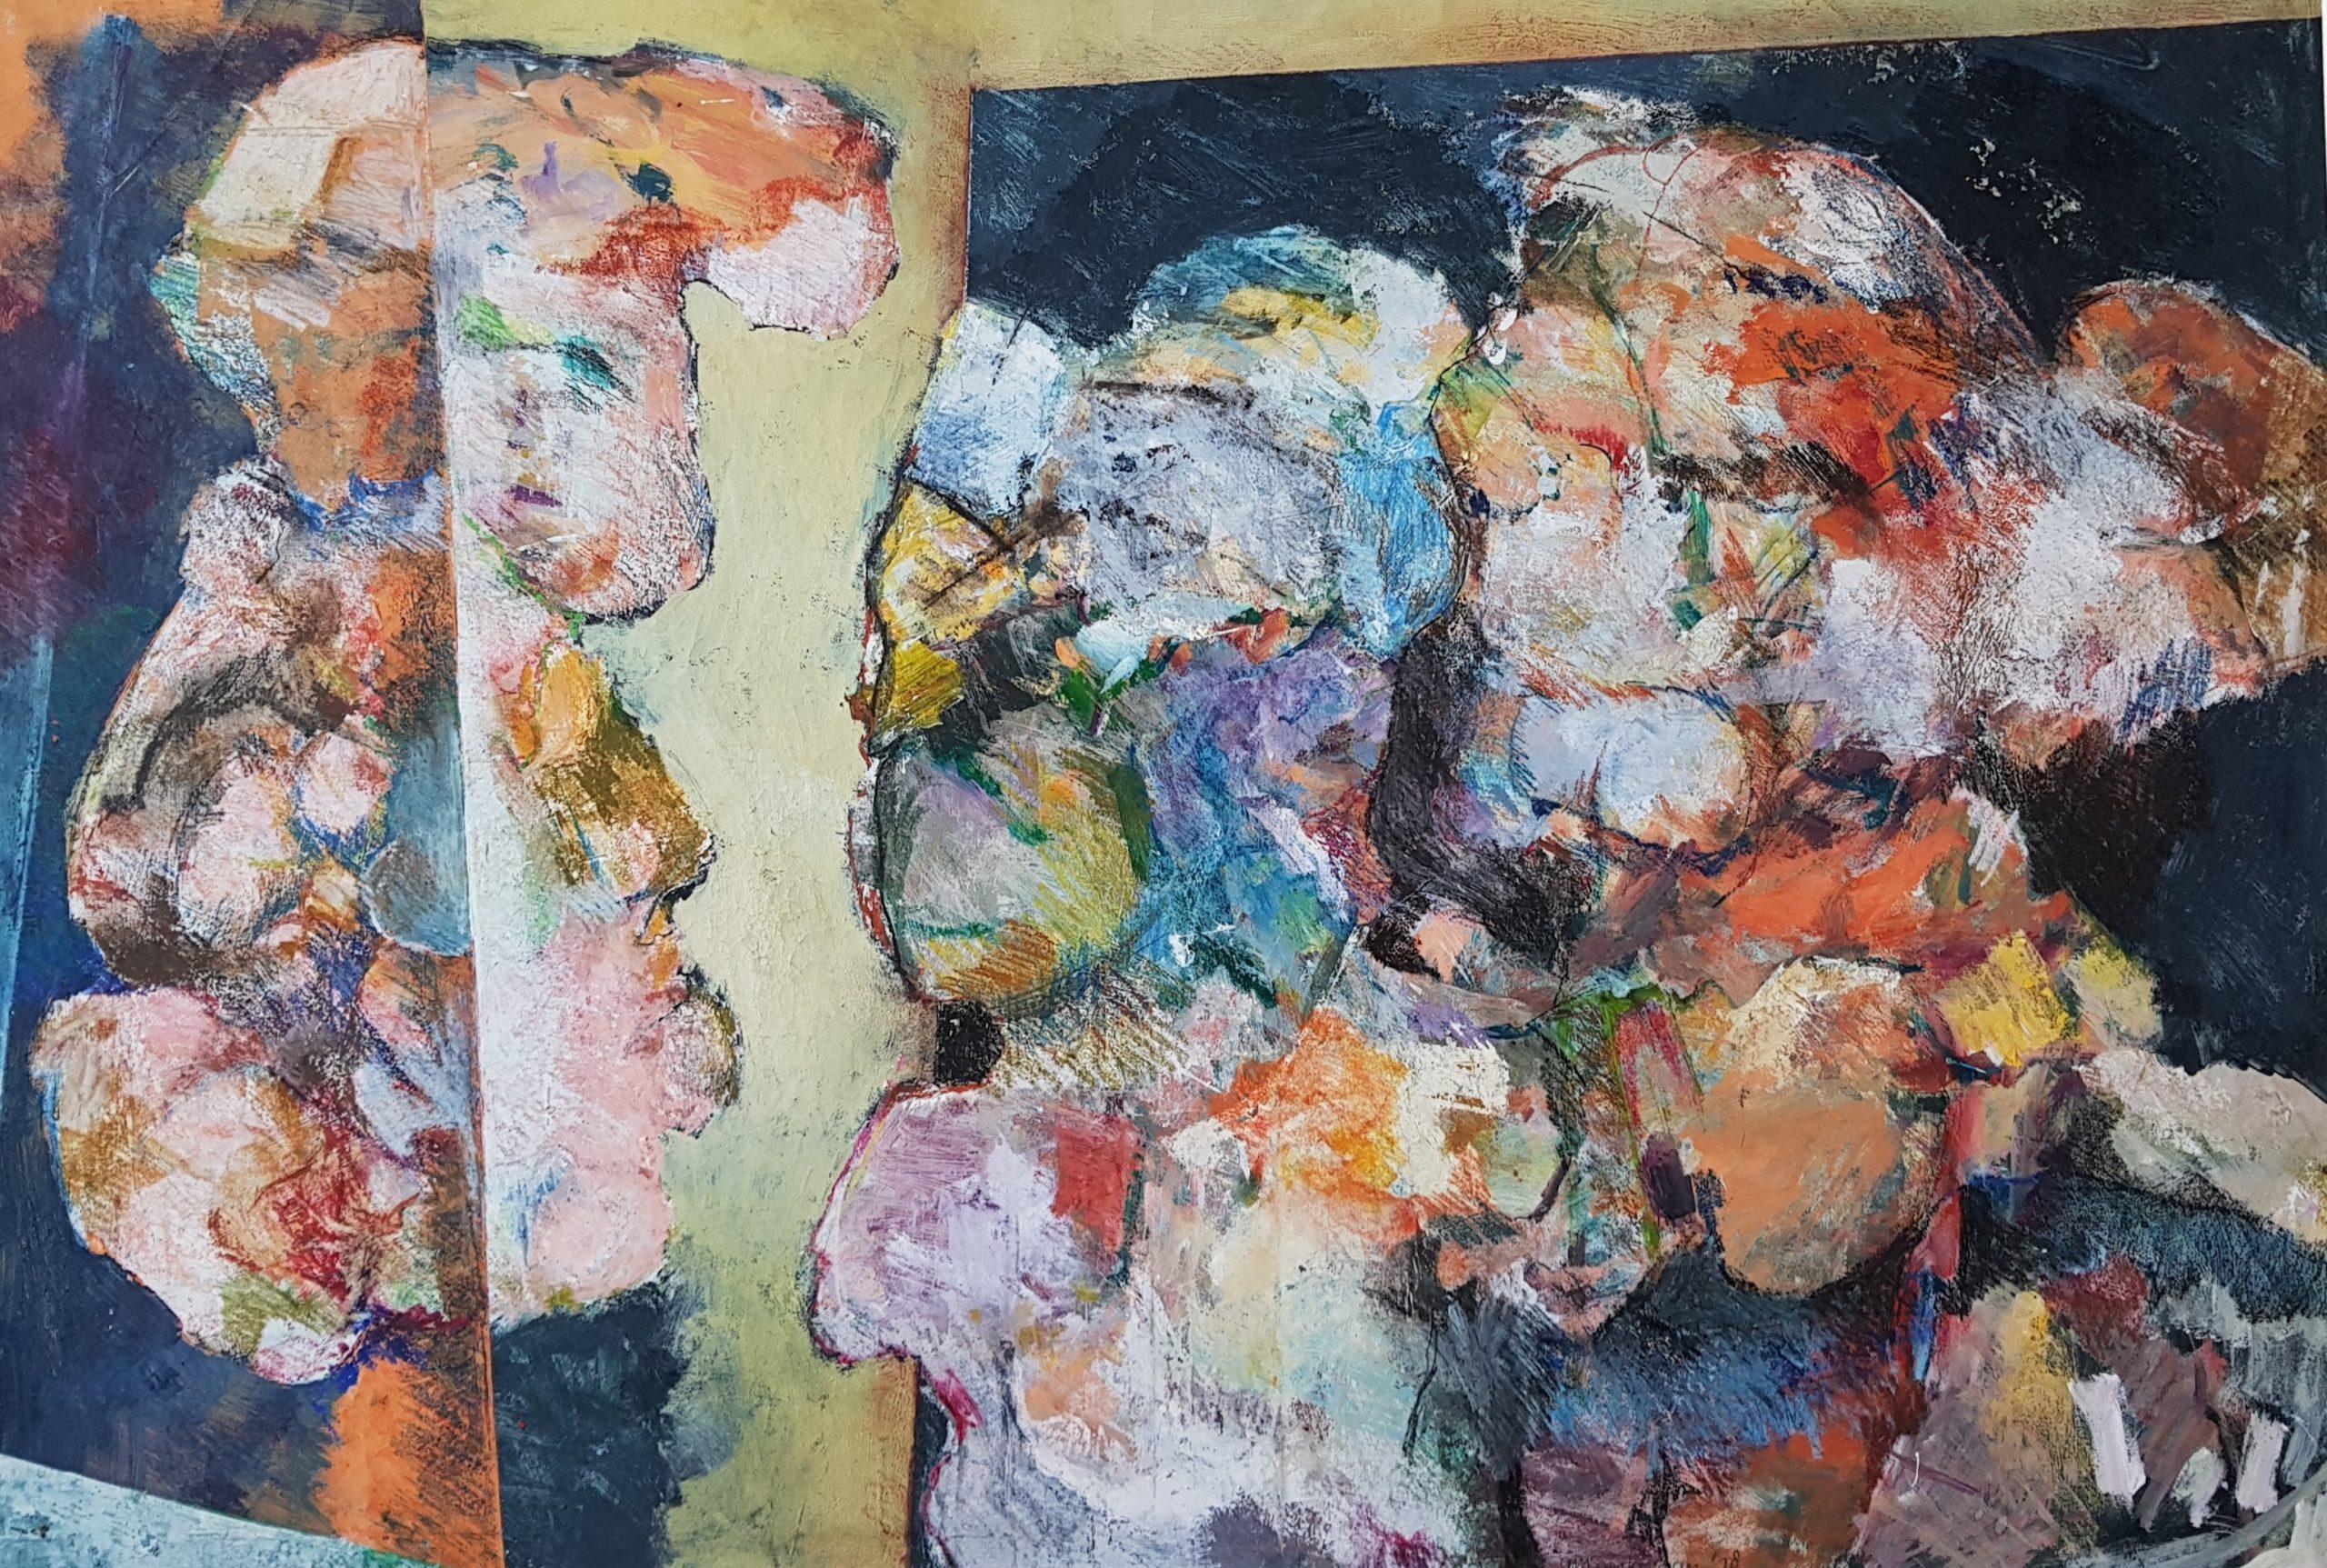 annemarie spijkerman schilderij haagse school haagse kunstkring abstracte kunst kunstwerk velp gravelande kunstenares annelies spijkerman den haag kunstenaar moderne kunst kleurrijke kunst schilderes kunstenares skoander.com